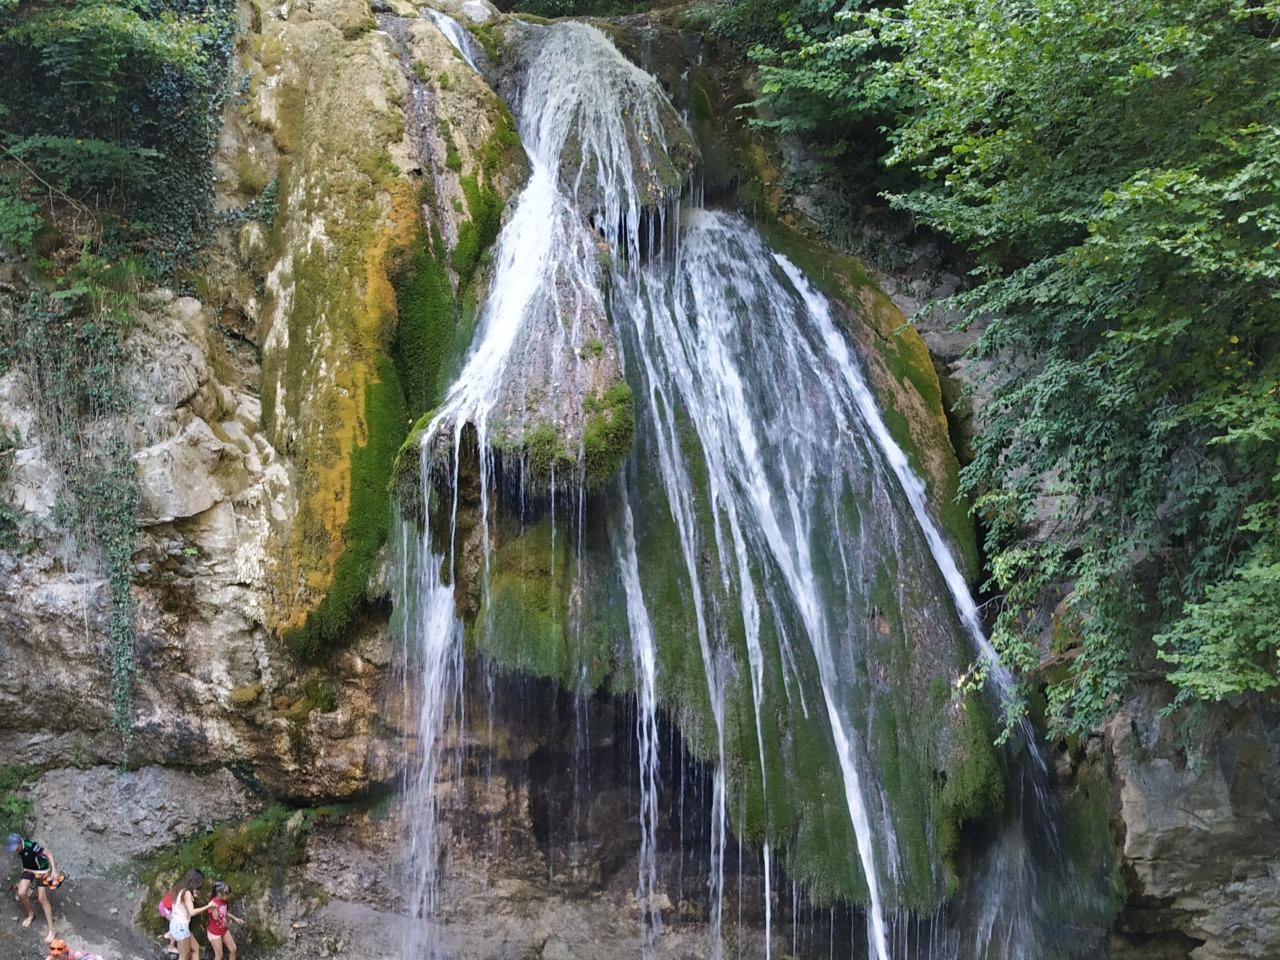 Экскурсия к водопаду Джур-Джур - индивидуальная экскурсия в Алуште от опытного гида